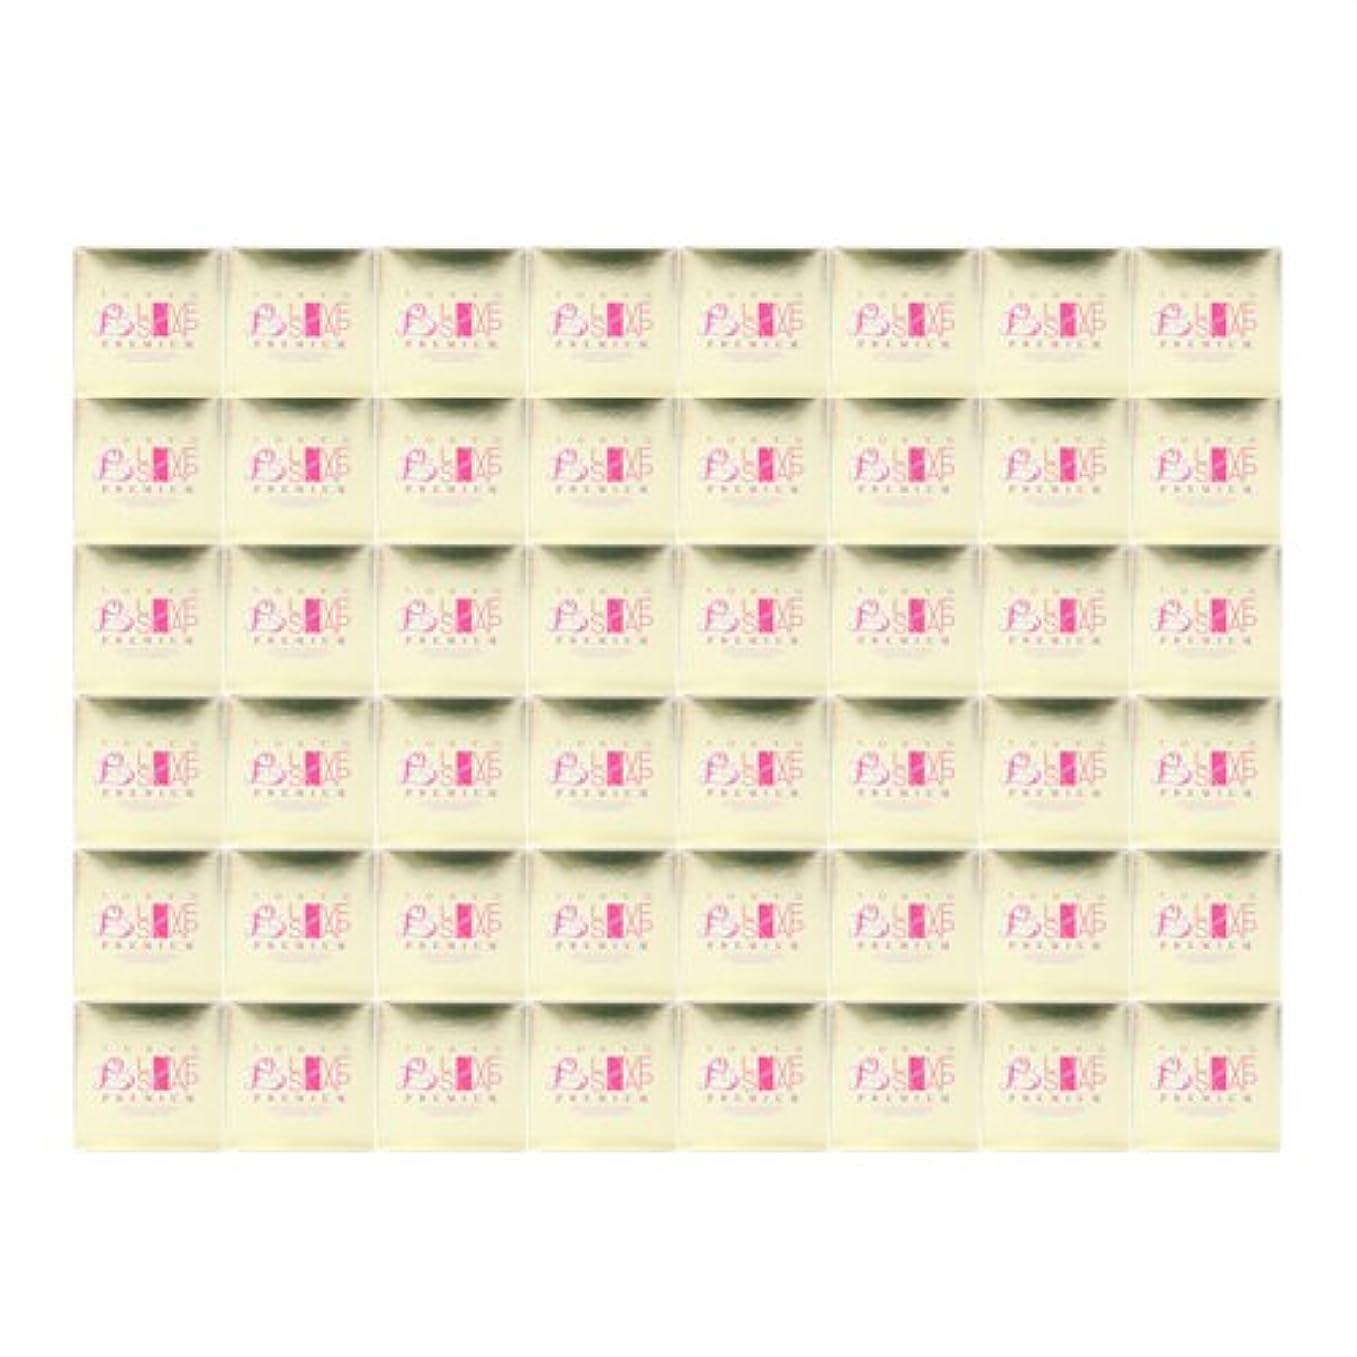 自伝該当する何か東京ラブソープ プレミアム (100g) 1ケース(48個入り)